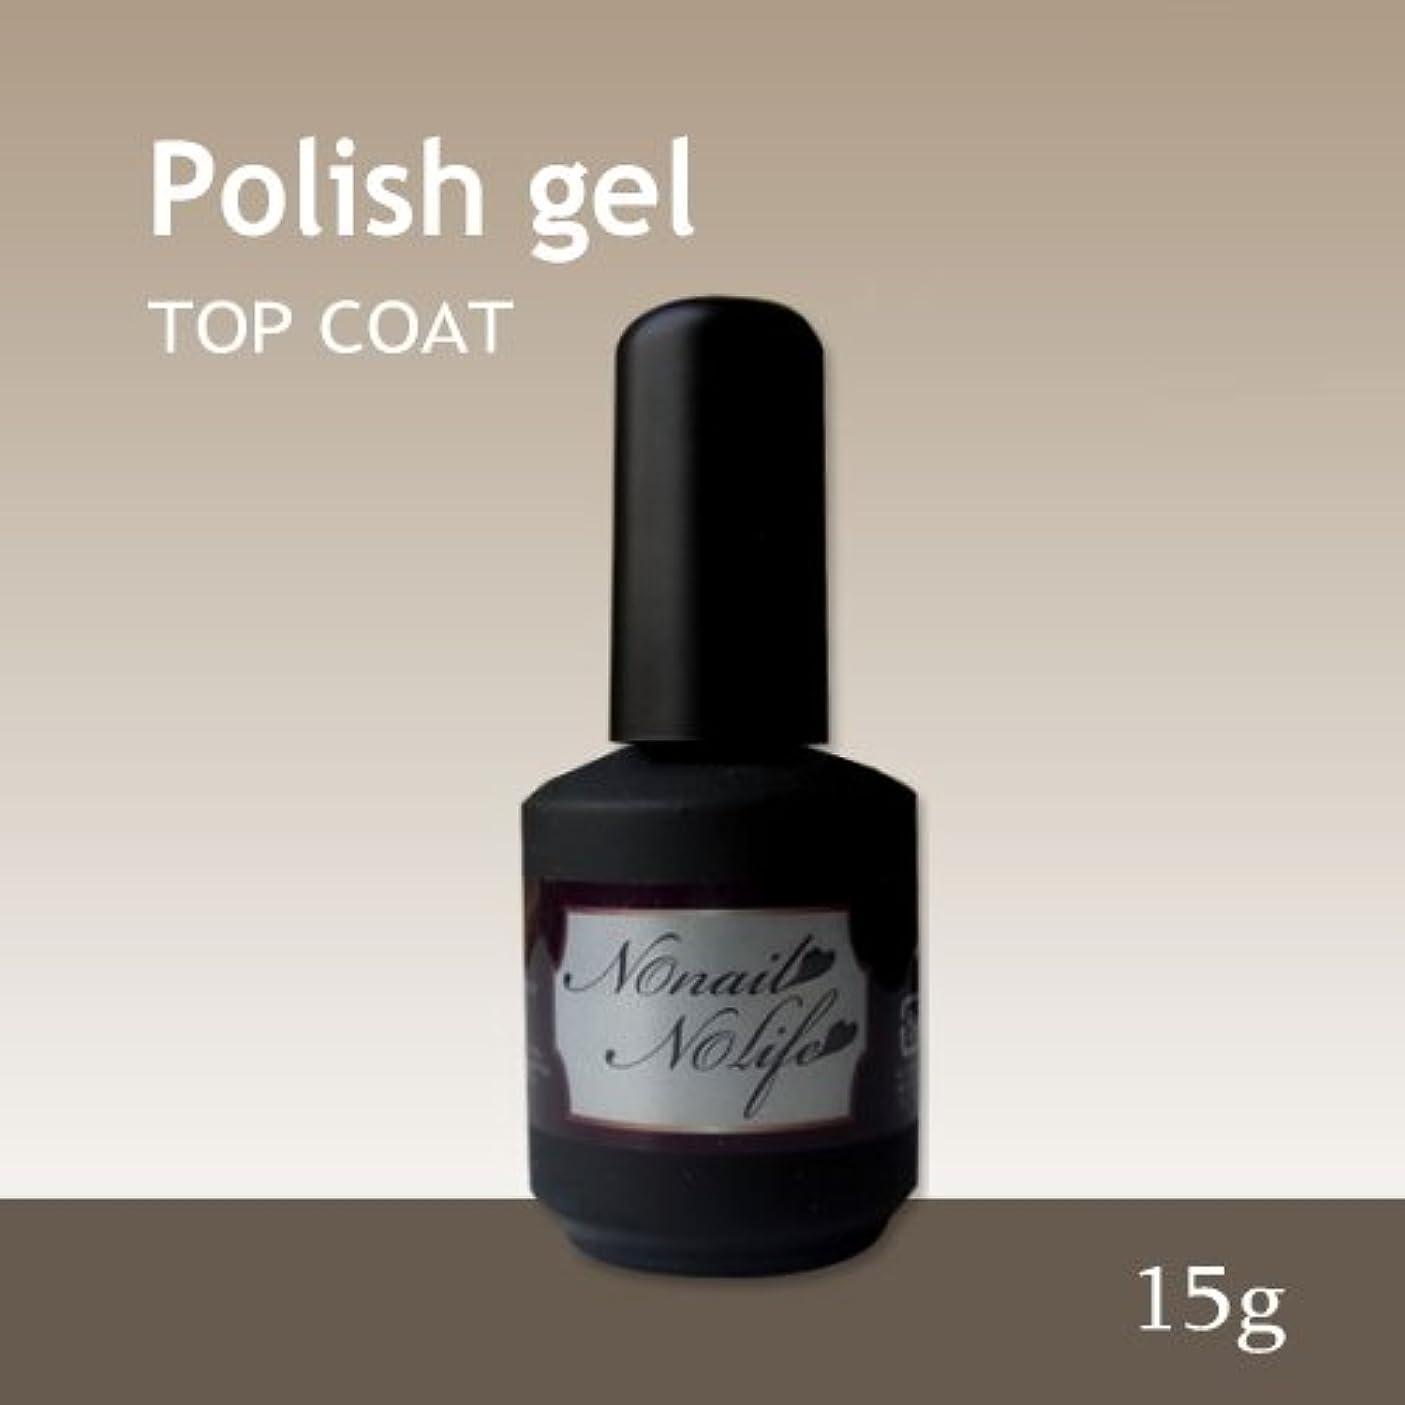 ヘクタール送金環境ジェルネイル《爪に優しいトップコートジェル》Natural Polish ポリッシュトップジェル(15g)